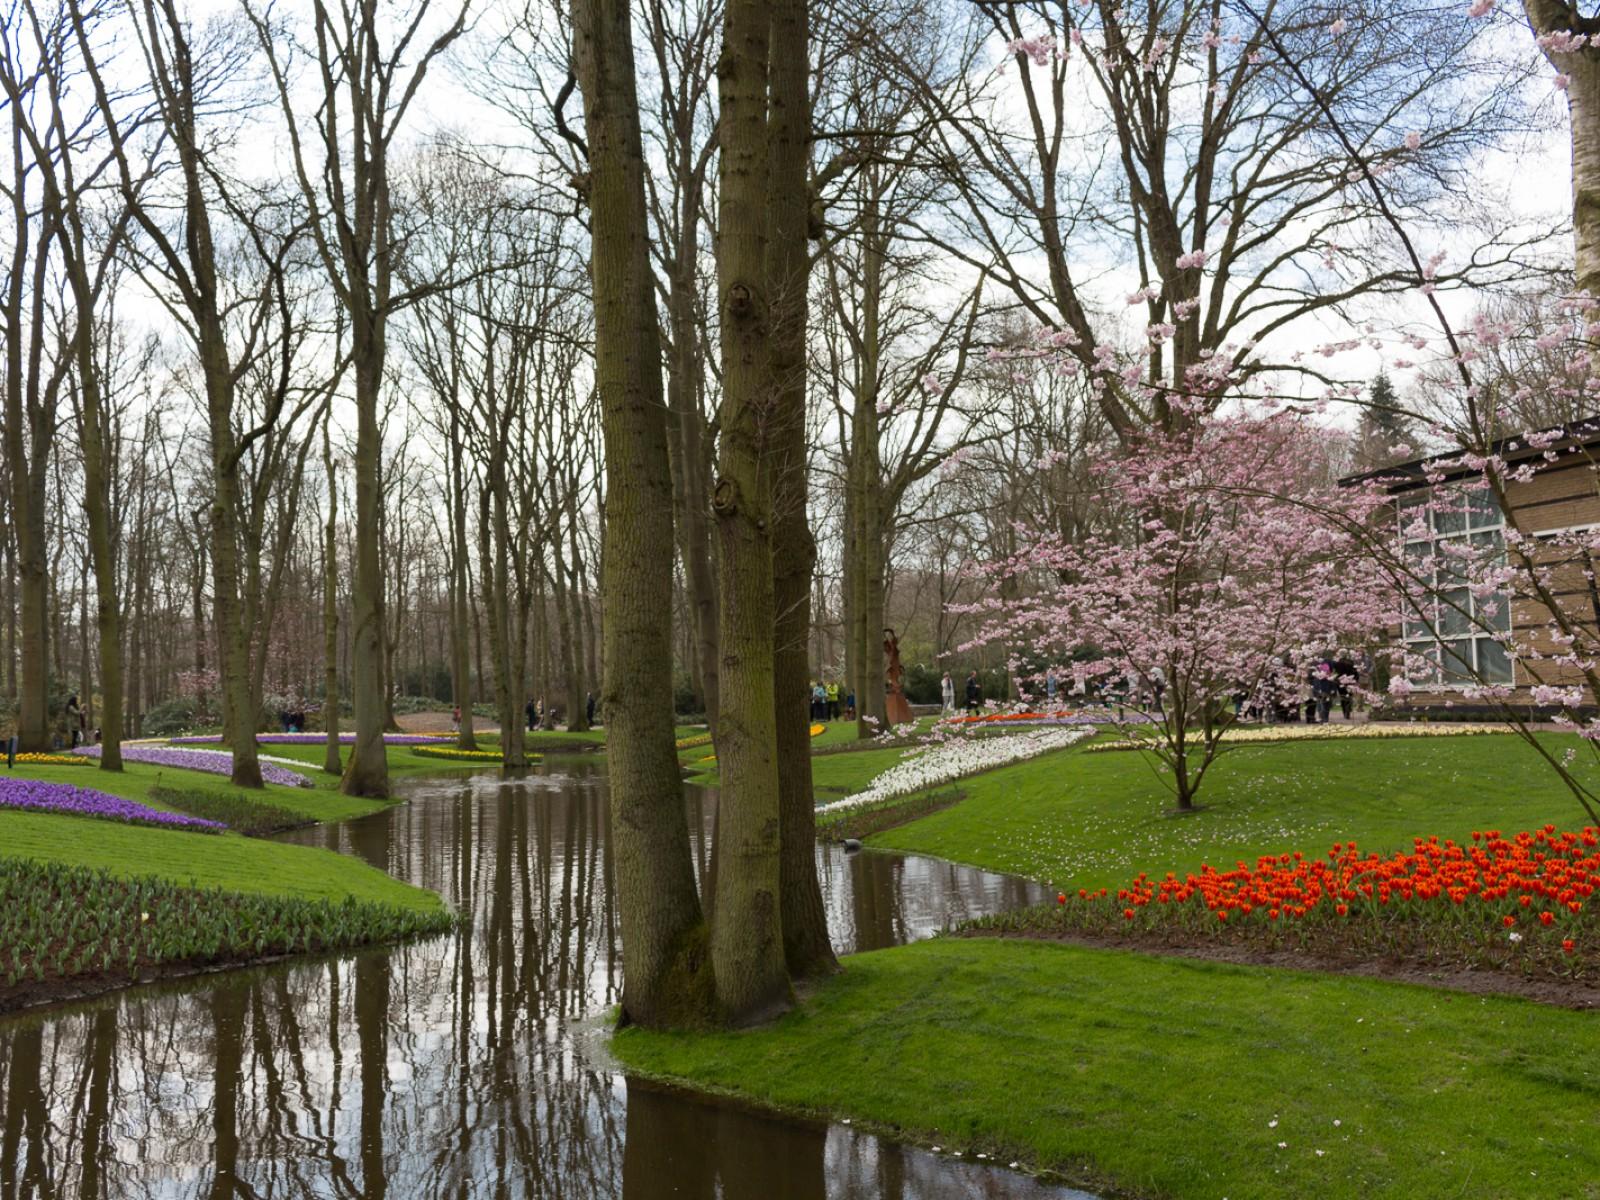 niederlande_noordwijk_keukenhof_reiseblog-2734